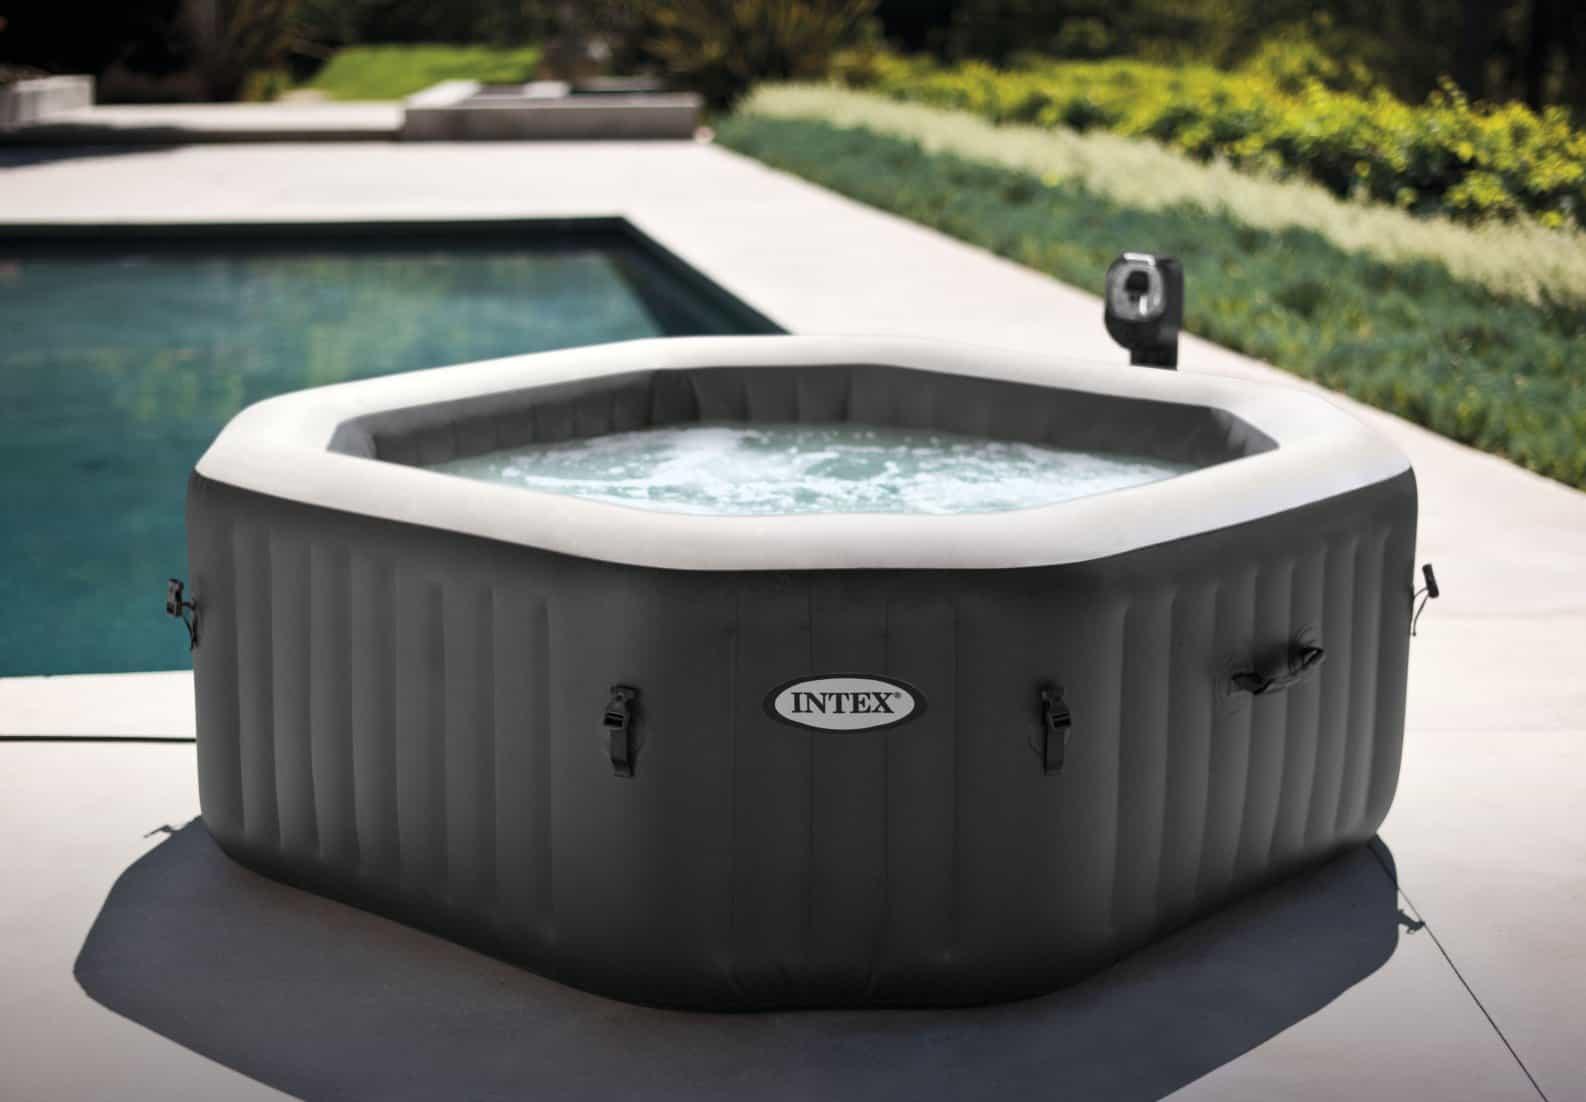 Full Size of Whirlpool Aufblasbar Testsieger Aufblasbarer Winterfest Test Outdoor Obi Garten Bauhaus Intex Hornbach Vergleich 2020 Top 5 Wohnzimmer Whirlpool Aufblasbar